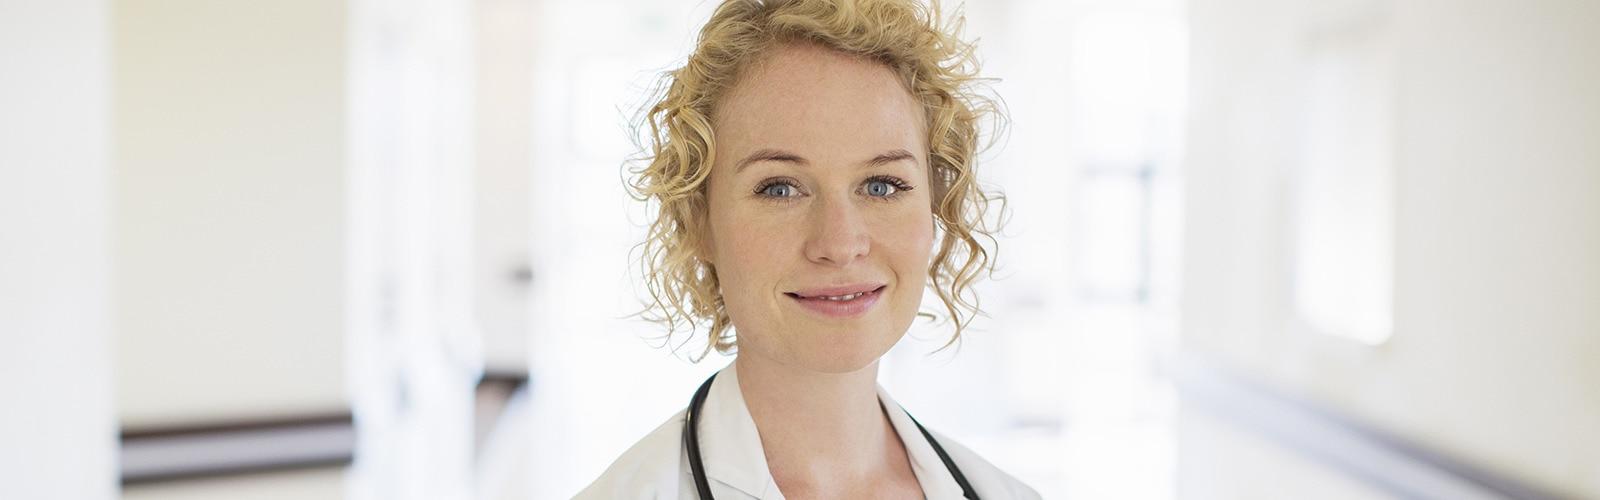 Eine blonde Ärztin mit Stethoskop steht auf einem Krankenhausflur und lächelt